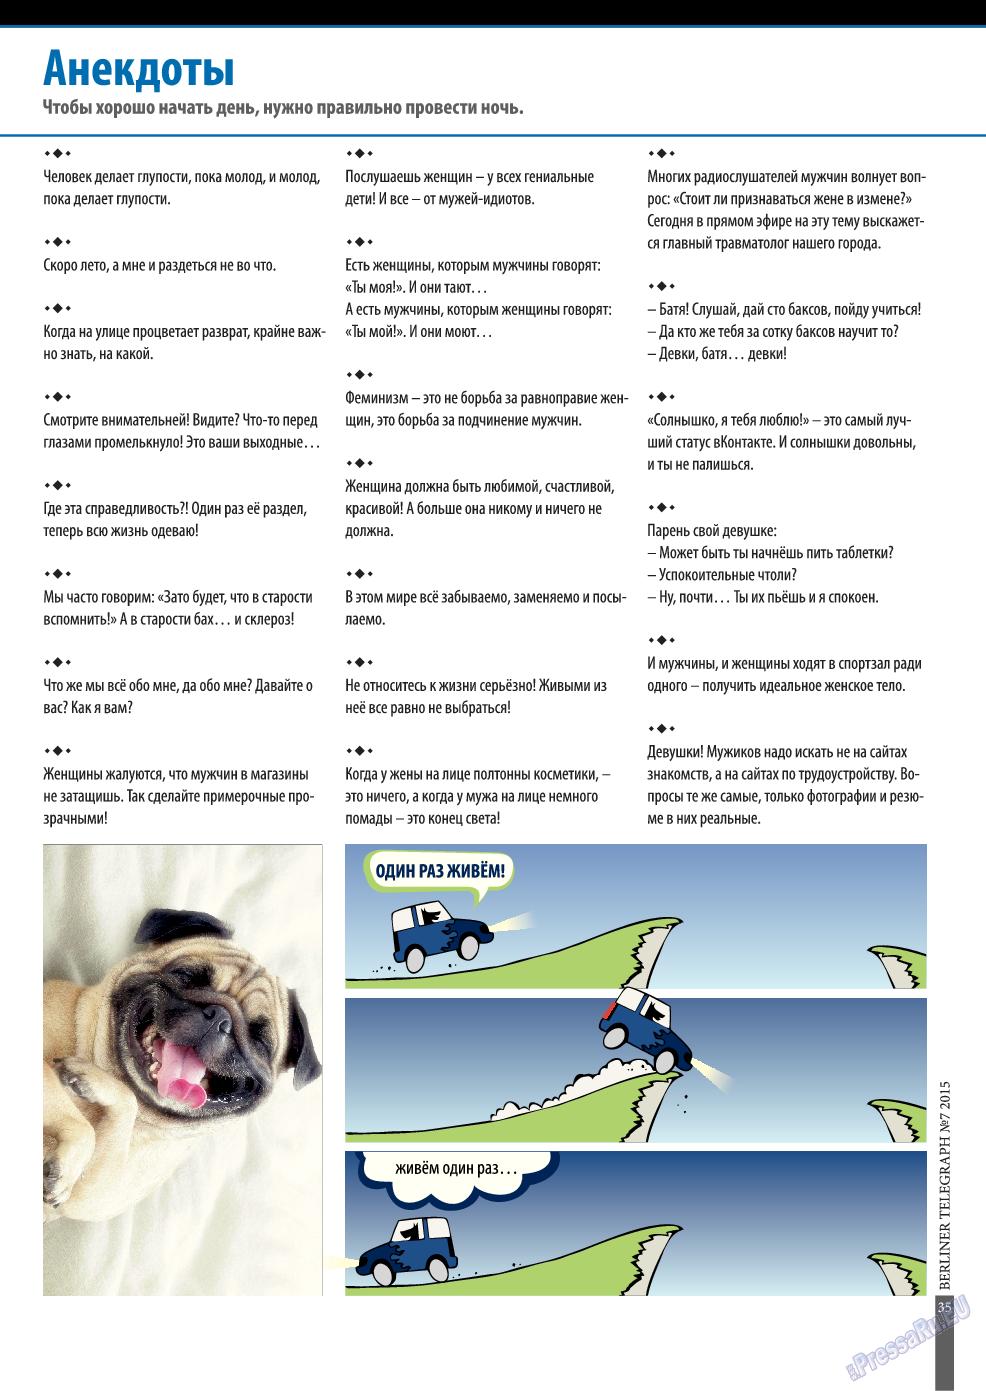 Берлинский телеграф (журнал). 2015 год, номер 8, стр. 35